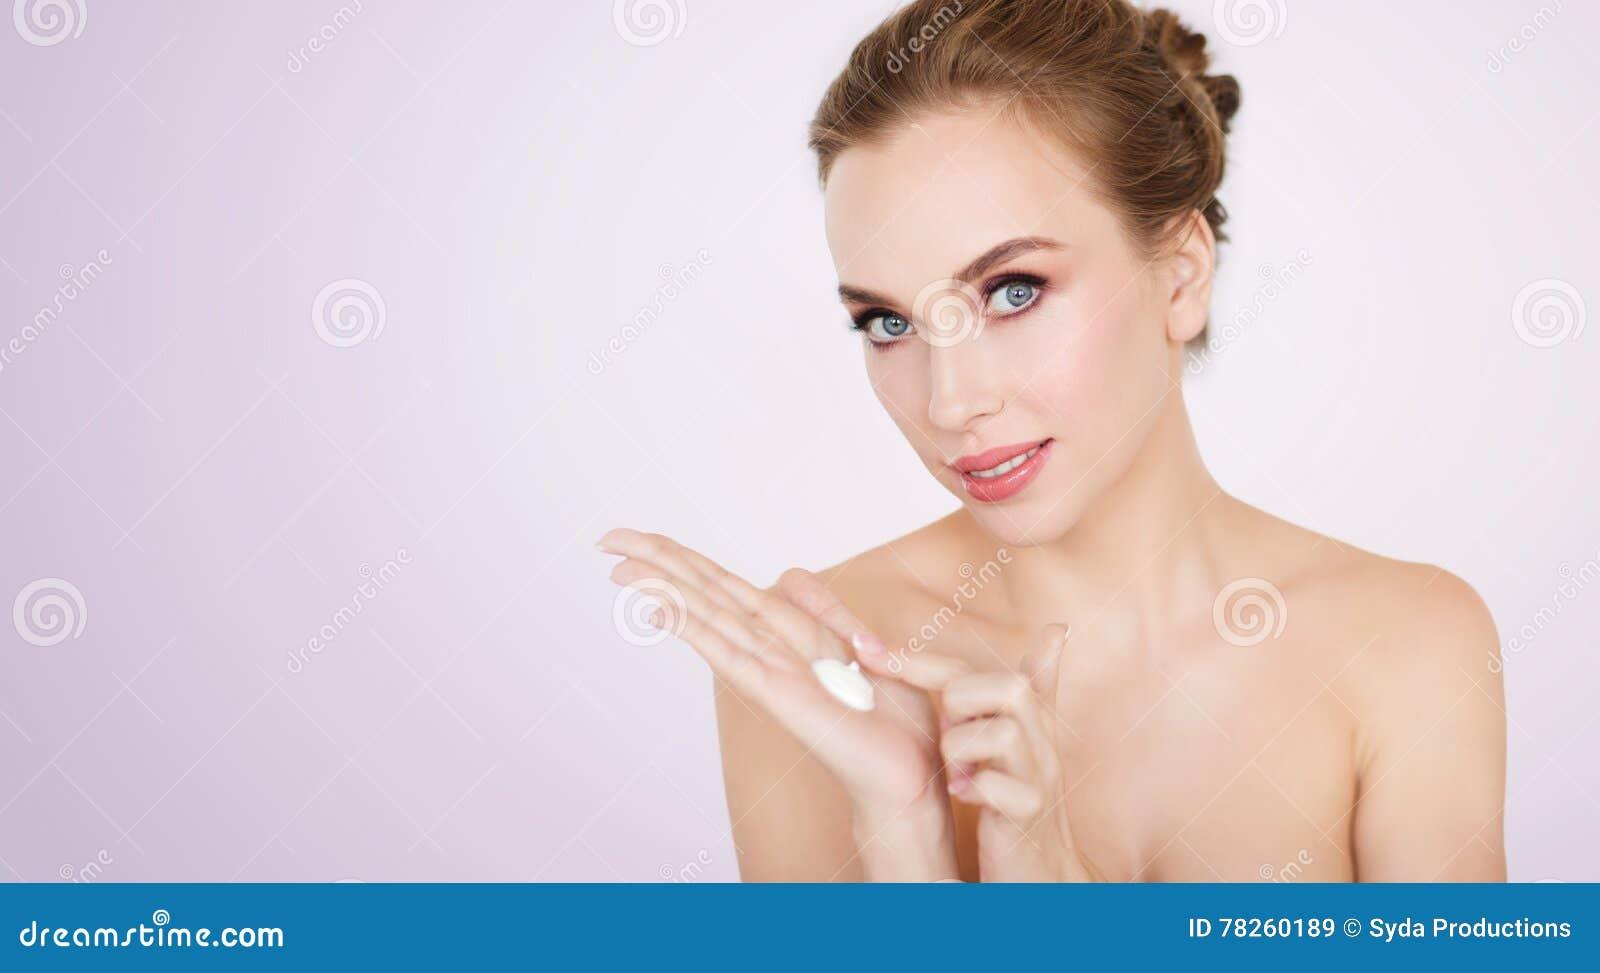 Ευτυχής νέα γυναίκα με την ενυδατική κρέμα σε διαθεσιμότητα